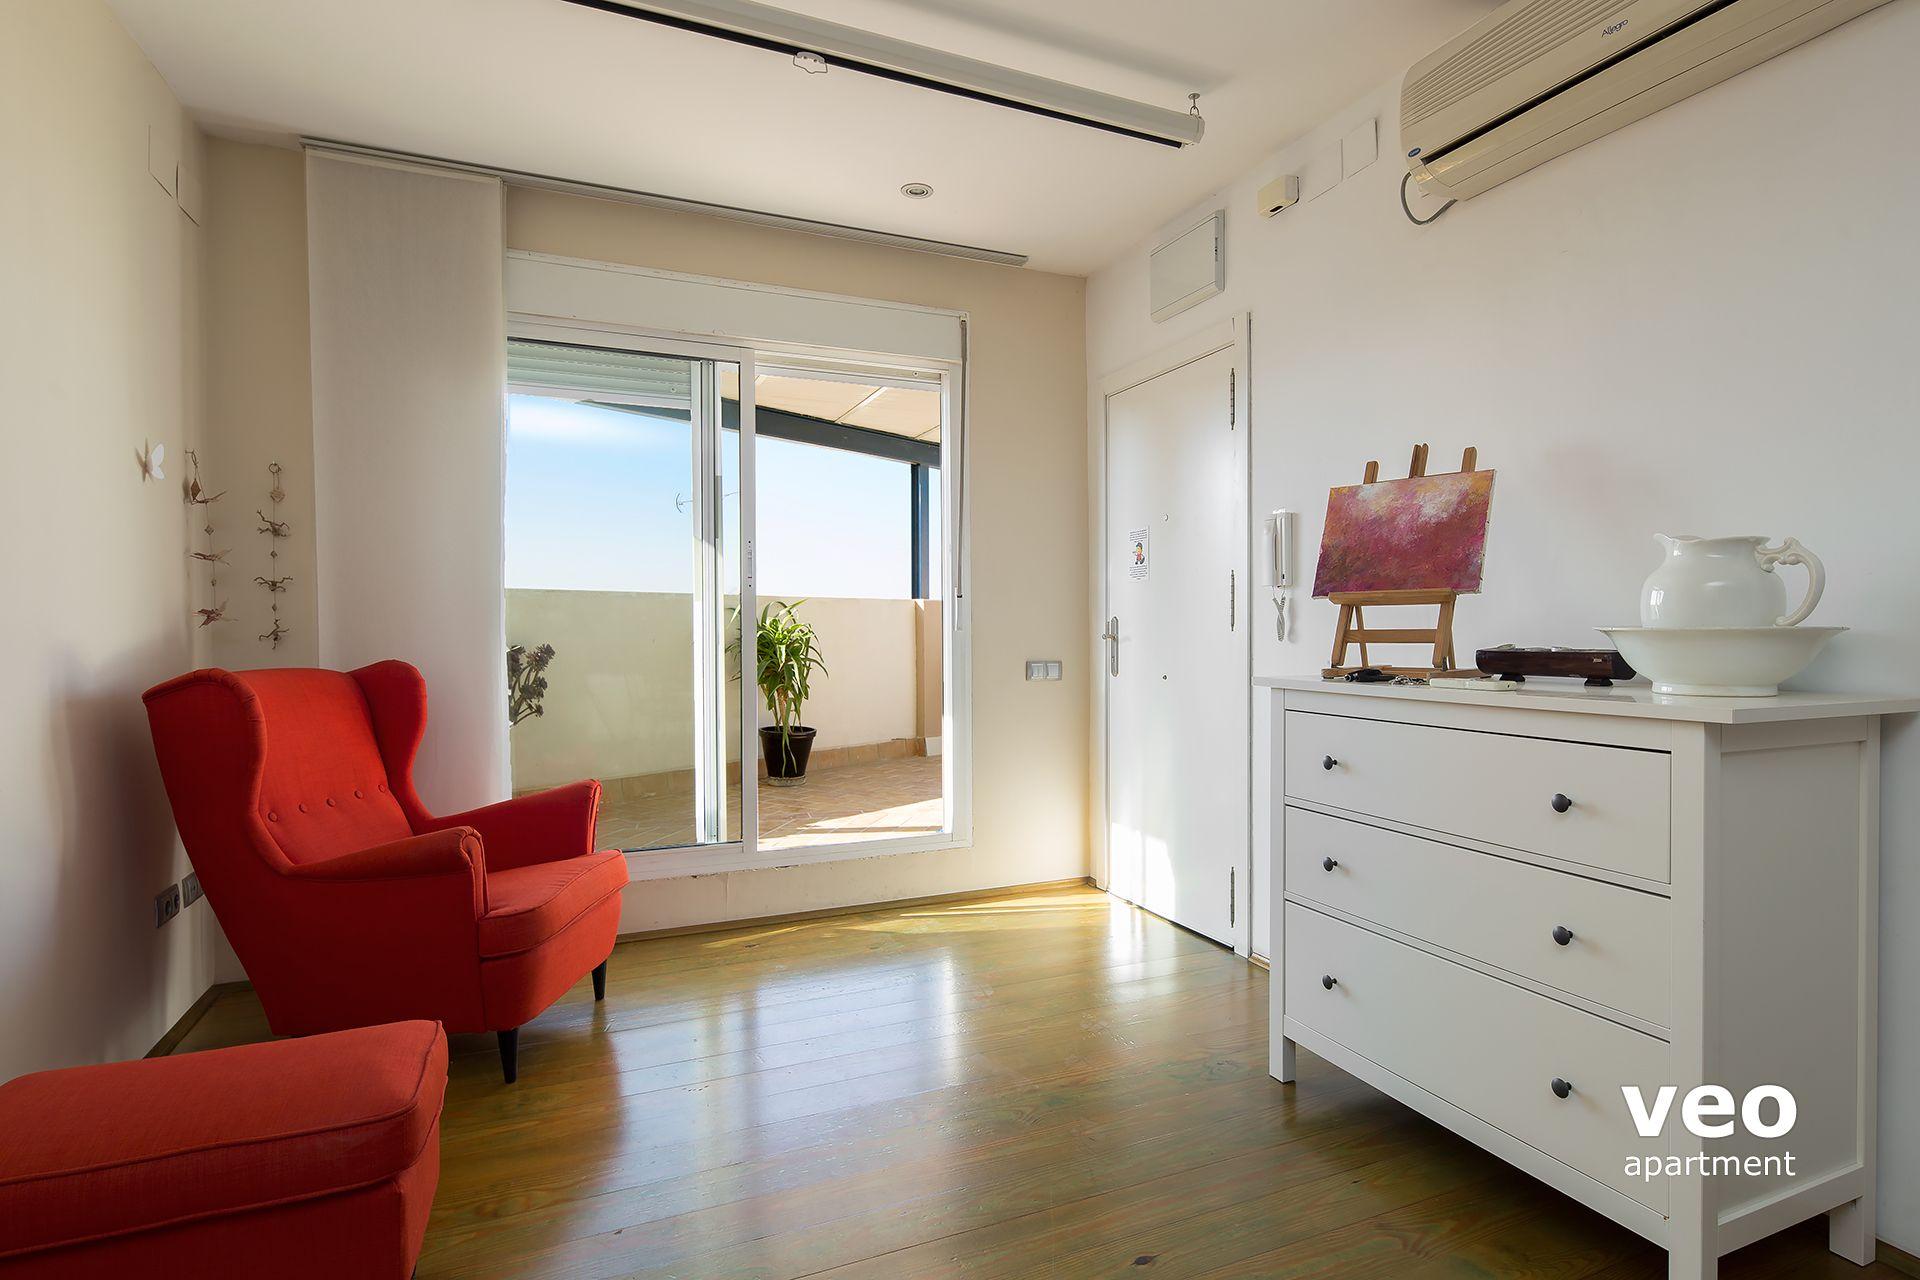 Seville Apartment Sol Street Seville Spain